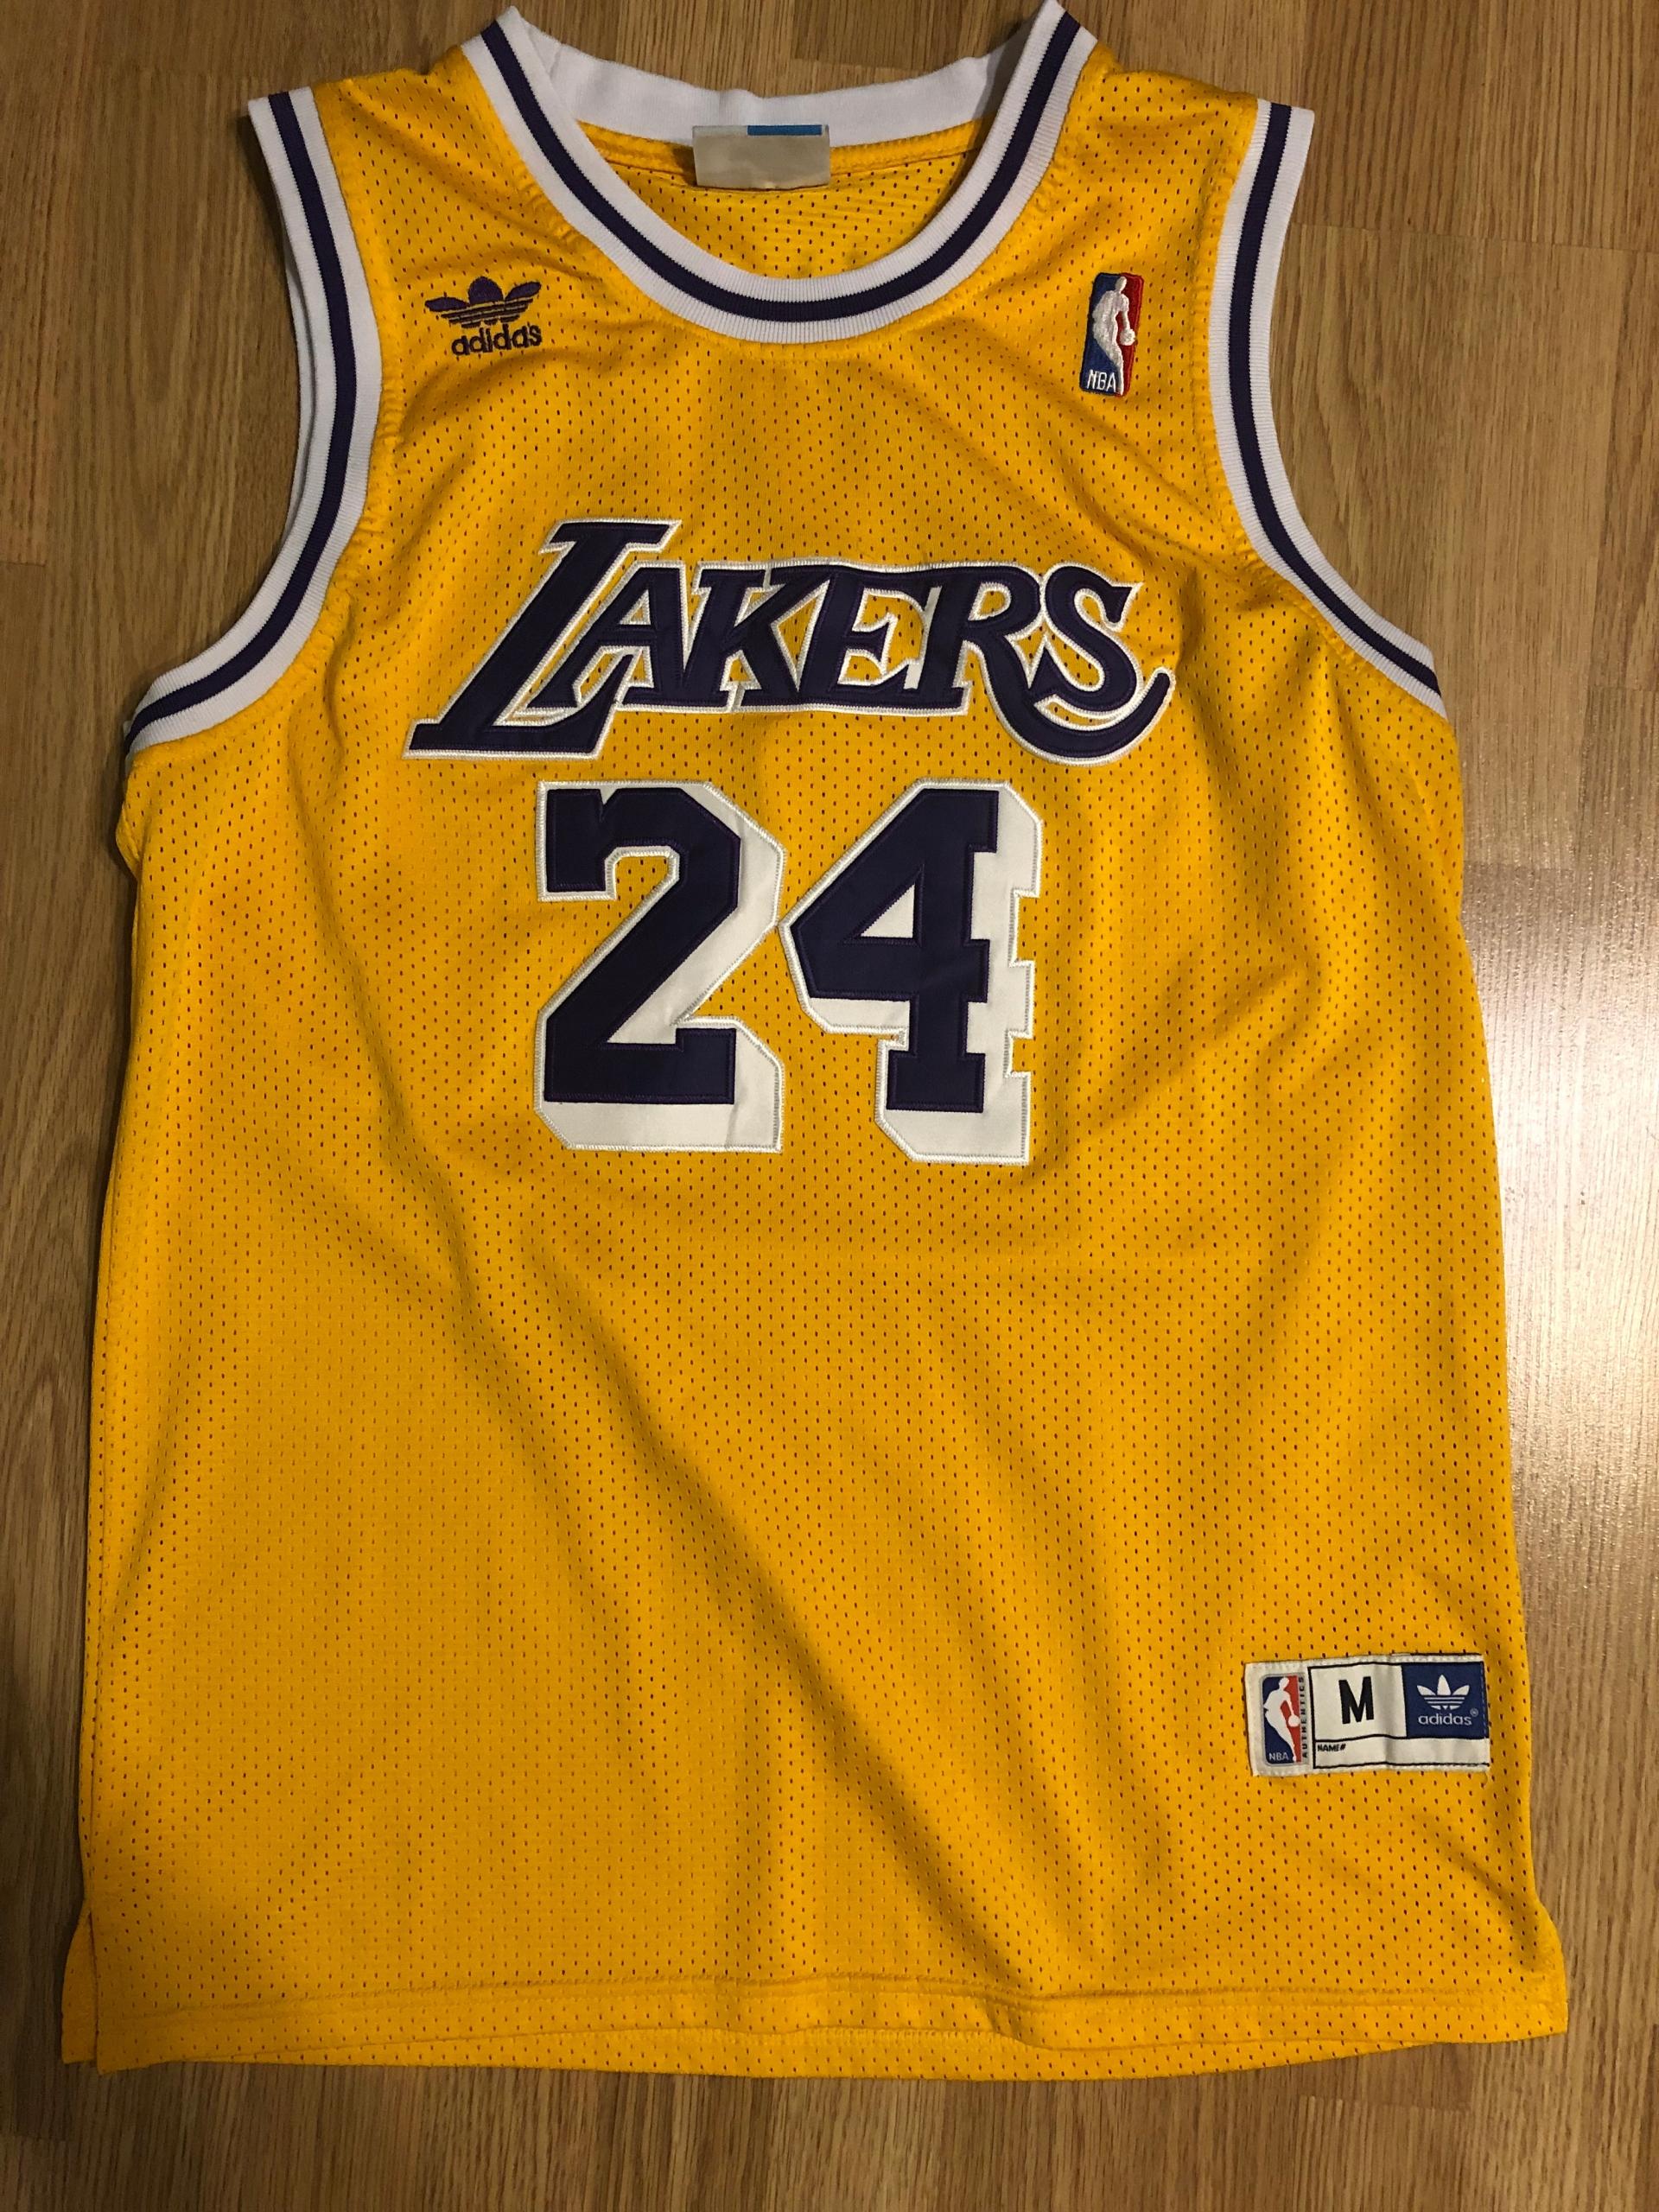 Kobe Bryant, NBA, LA Lakers, Adidas, M, NOWA